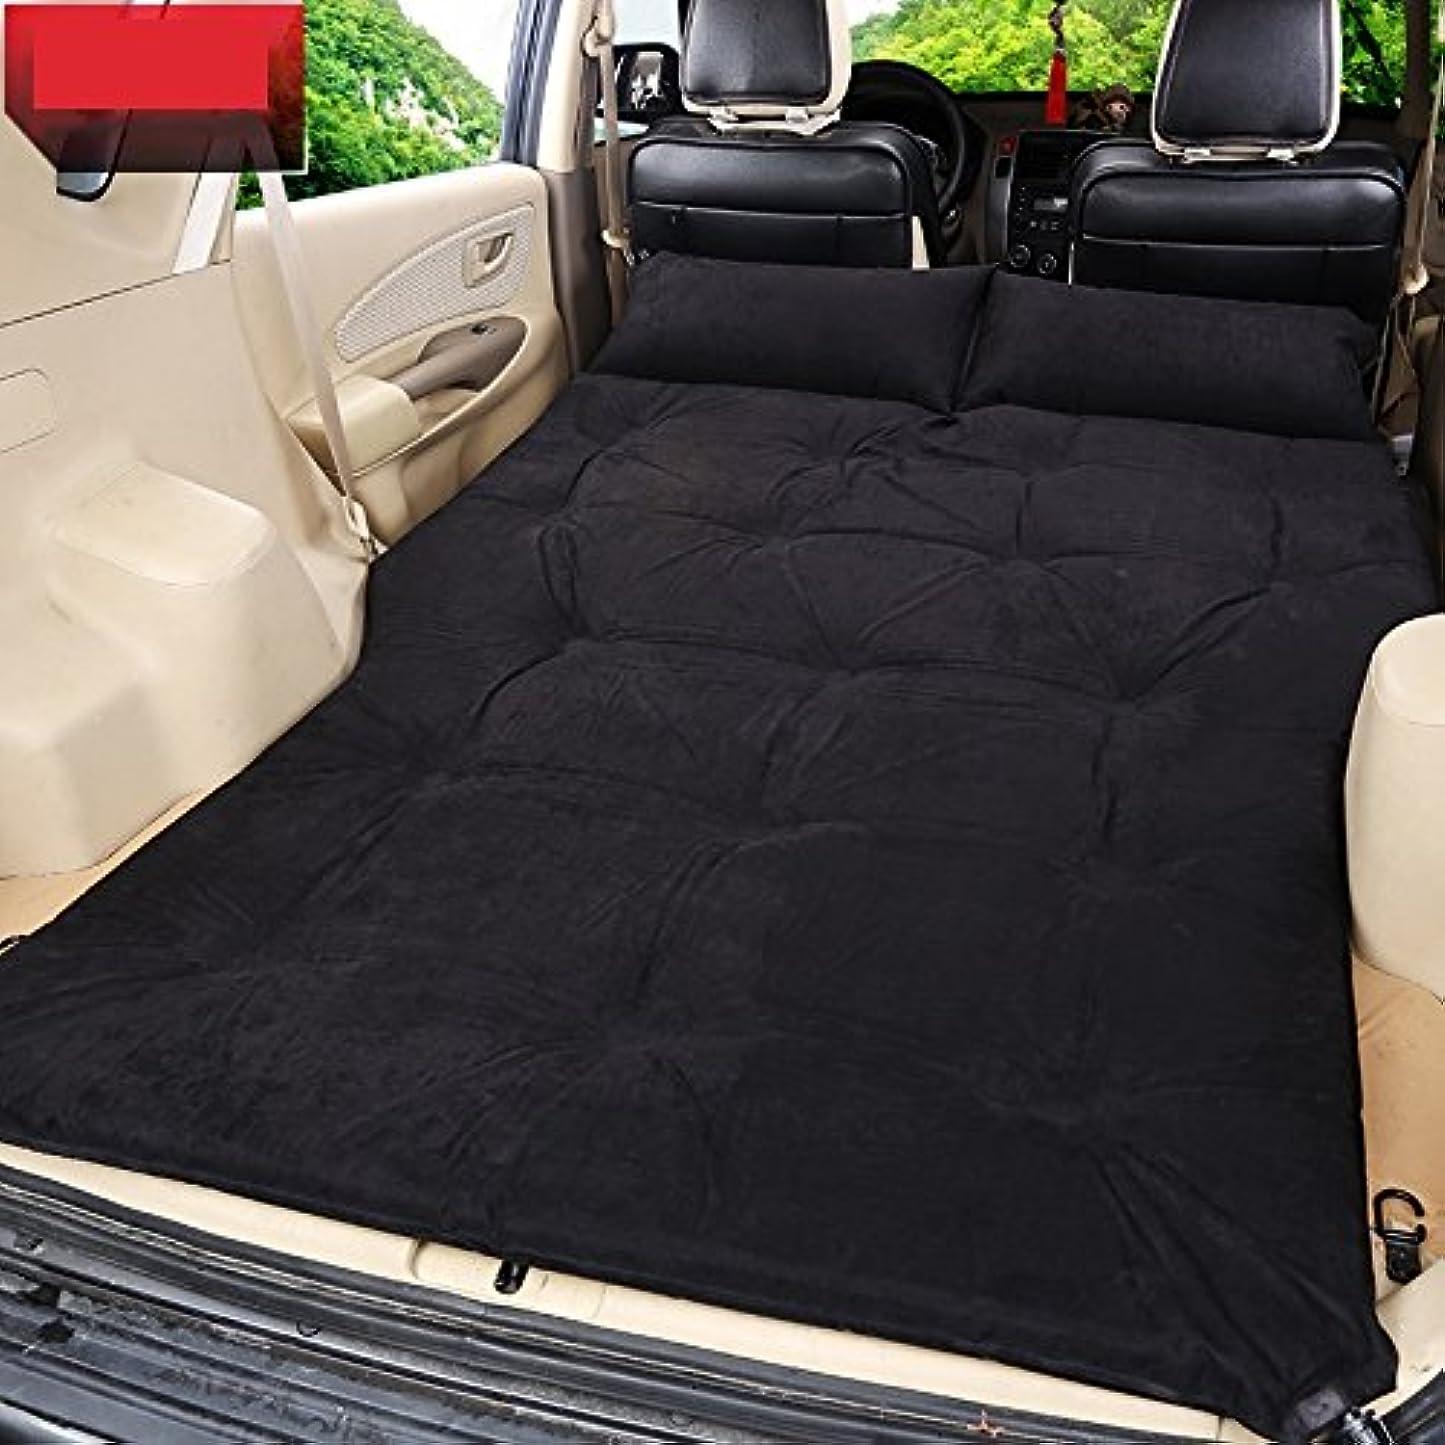 リースなだめる満たすGYP インフレータブルベッドSuvの車のベッド、屋外の寝台マットトラベルベッドの車のマットキャンプモイストプルーフパッドポータブル折り畳み旅行休暇の自動車用品190 * 126センチメートル ( 色 : #4 )